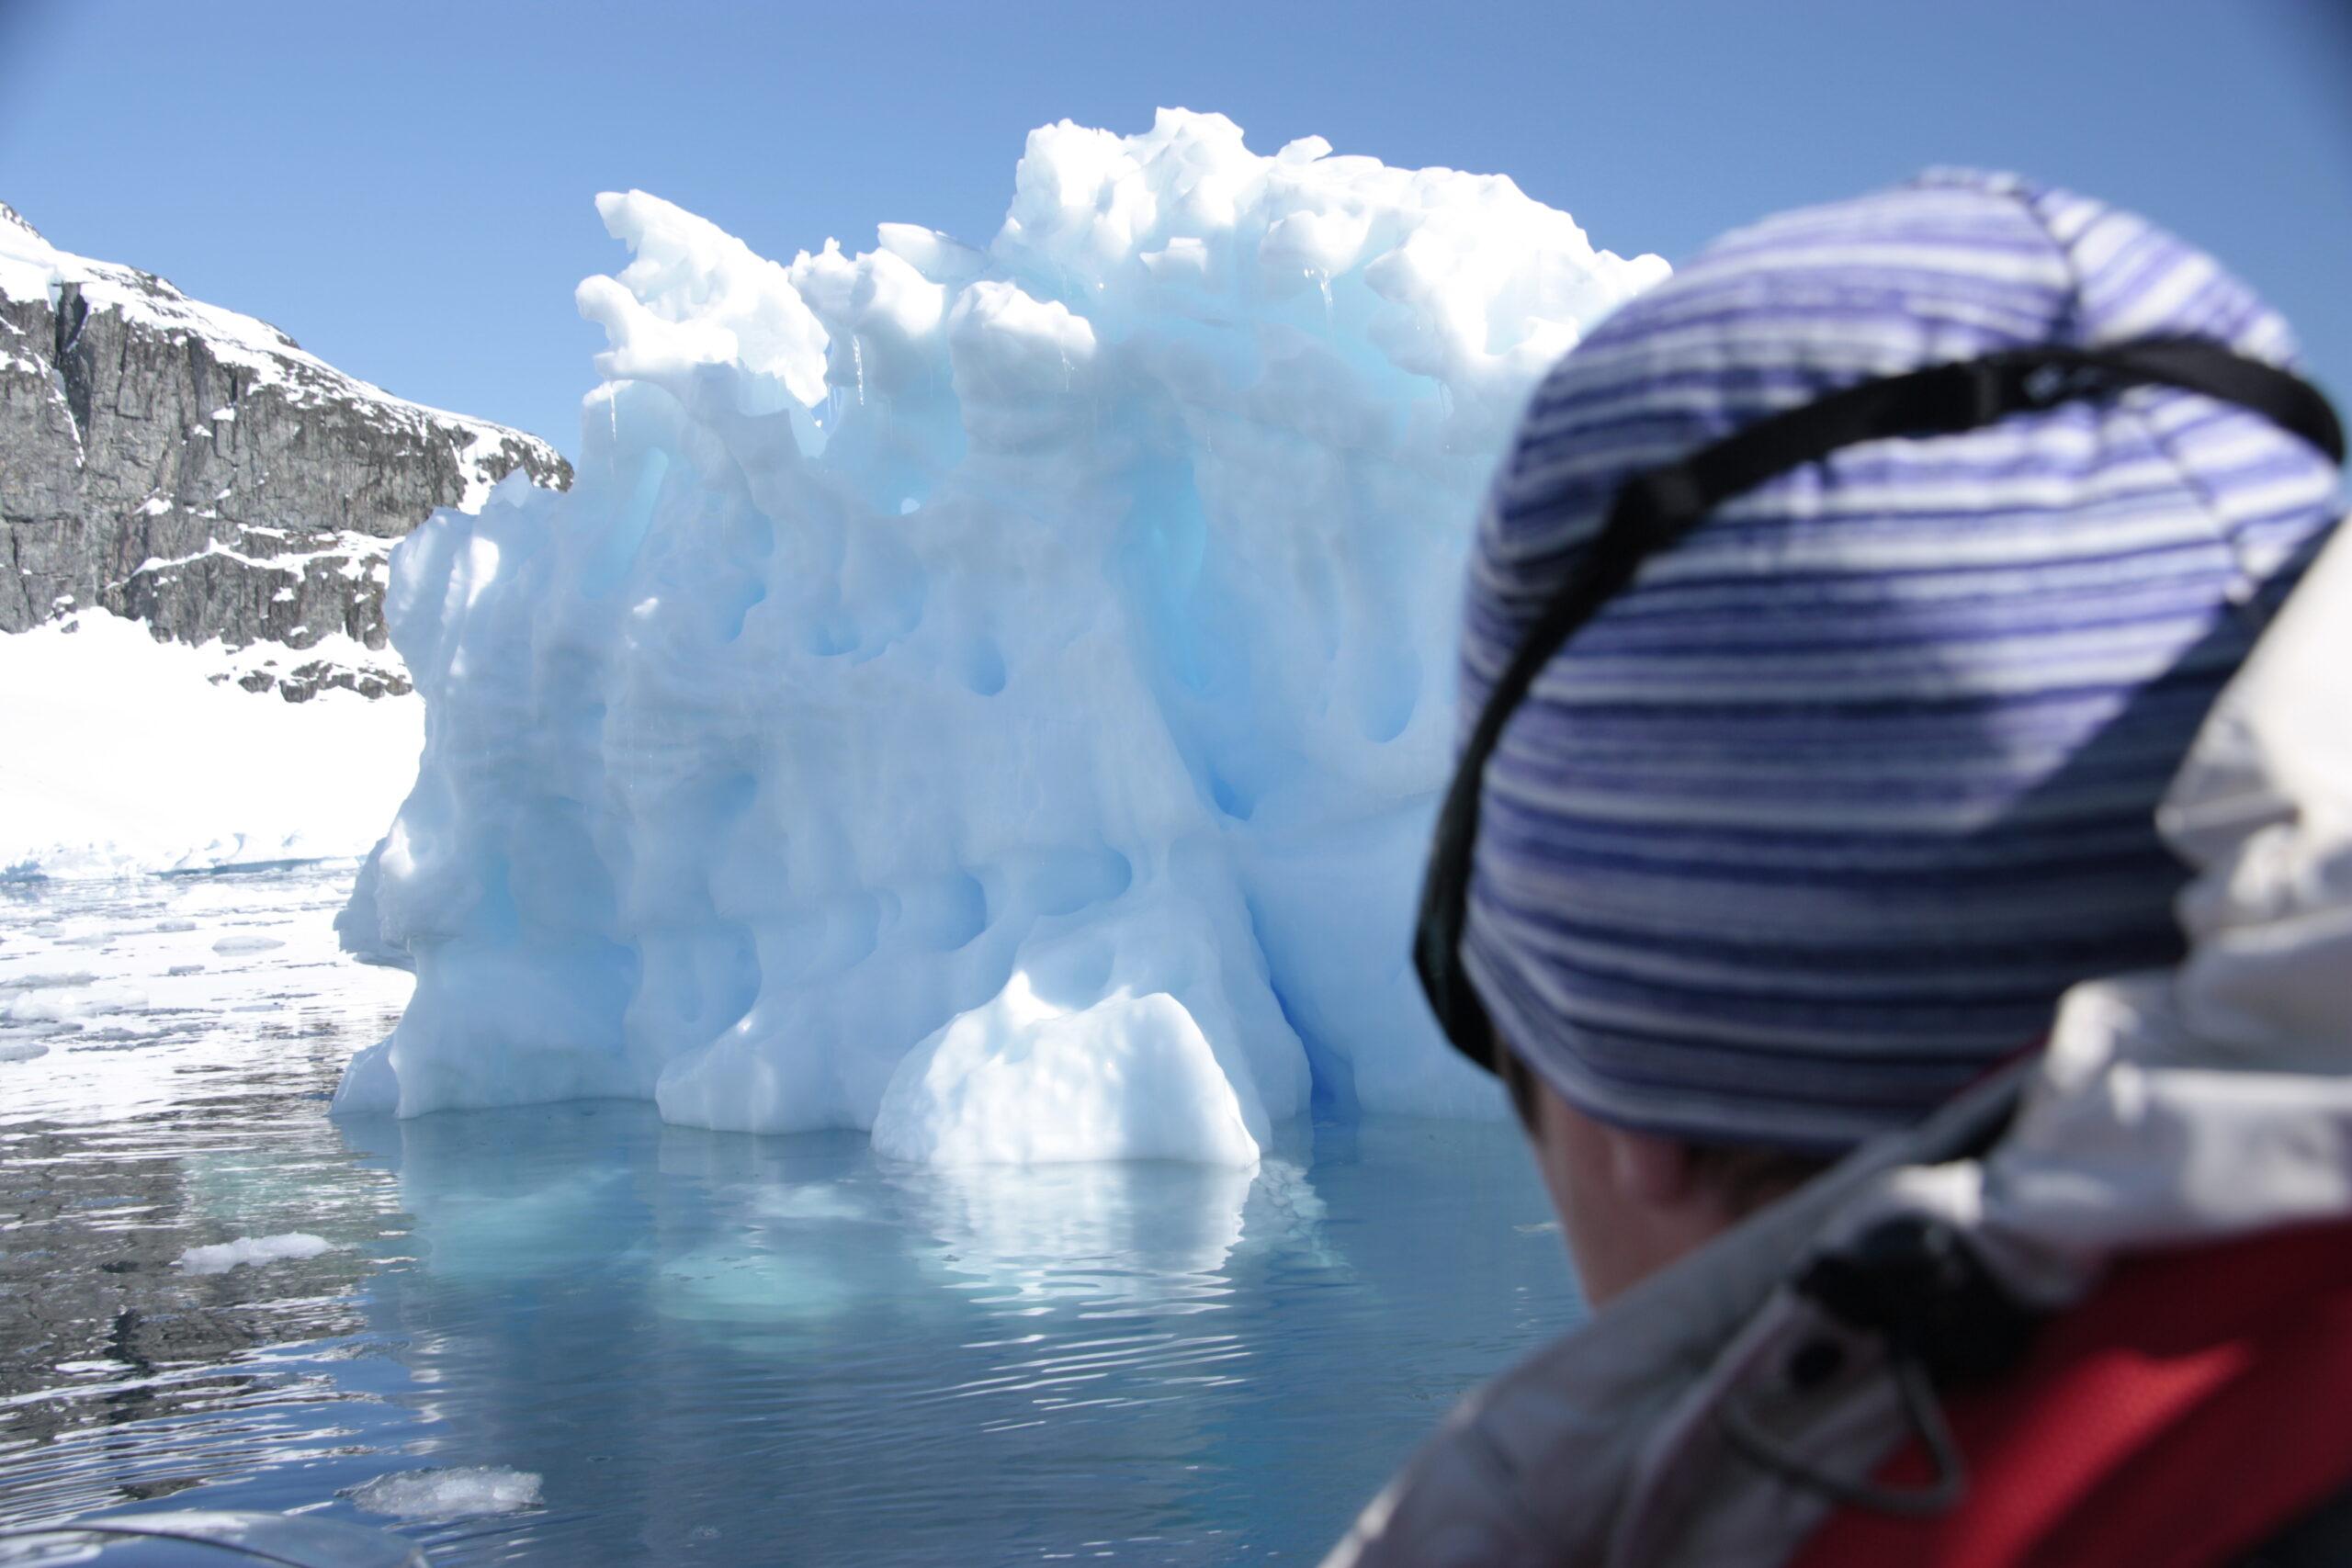 Persoon kijkend naar ijsberg op Antartica